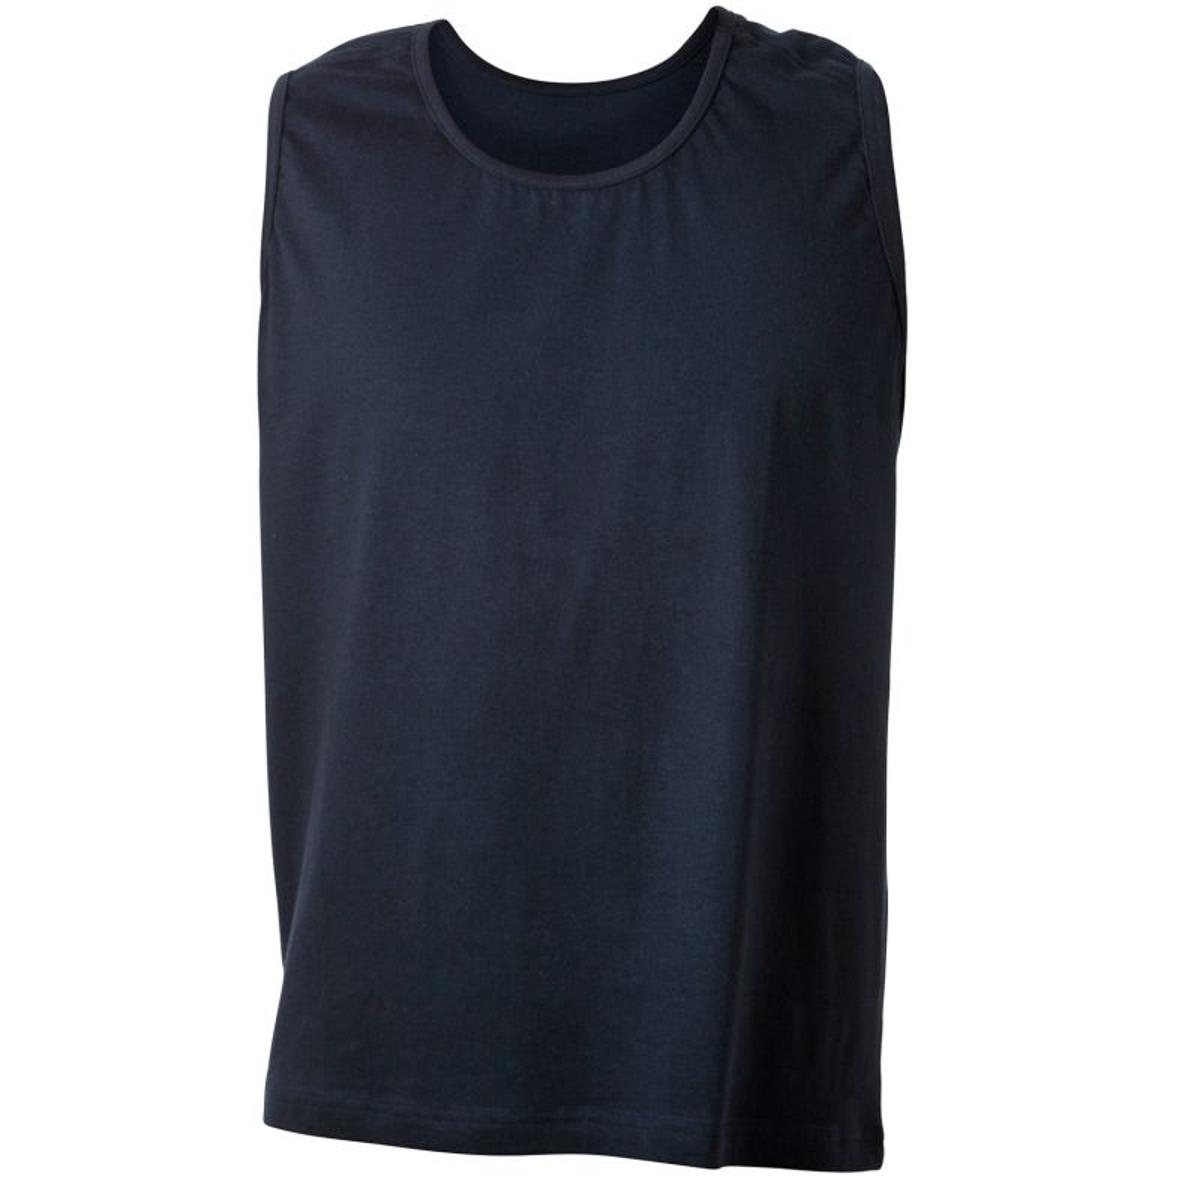 Tee-shirt sans manche bleu marine